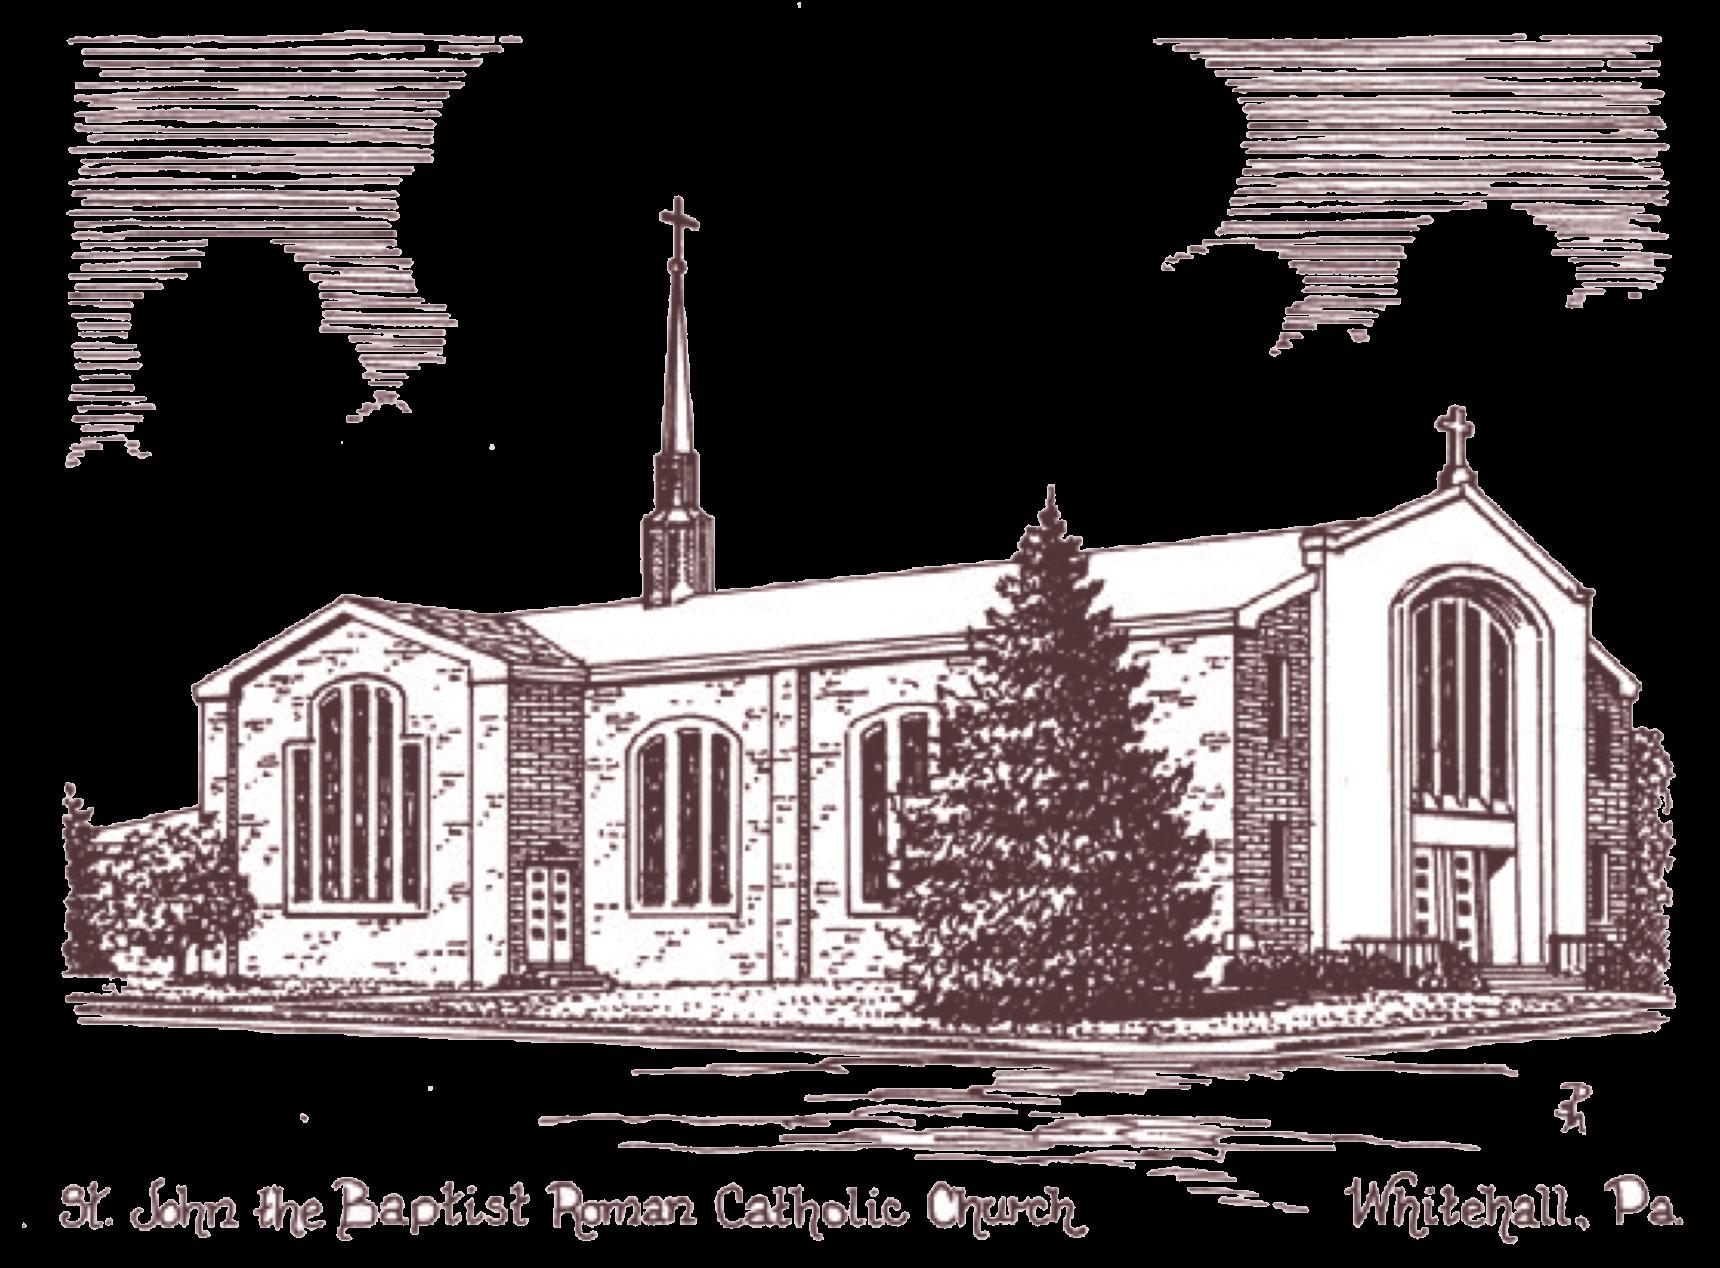 St  John the Baptist - Parish Picnic